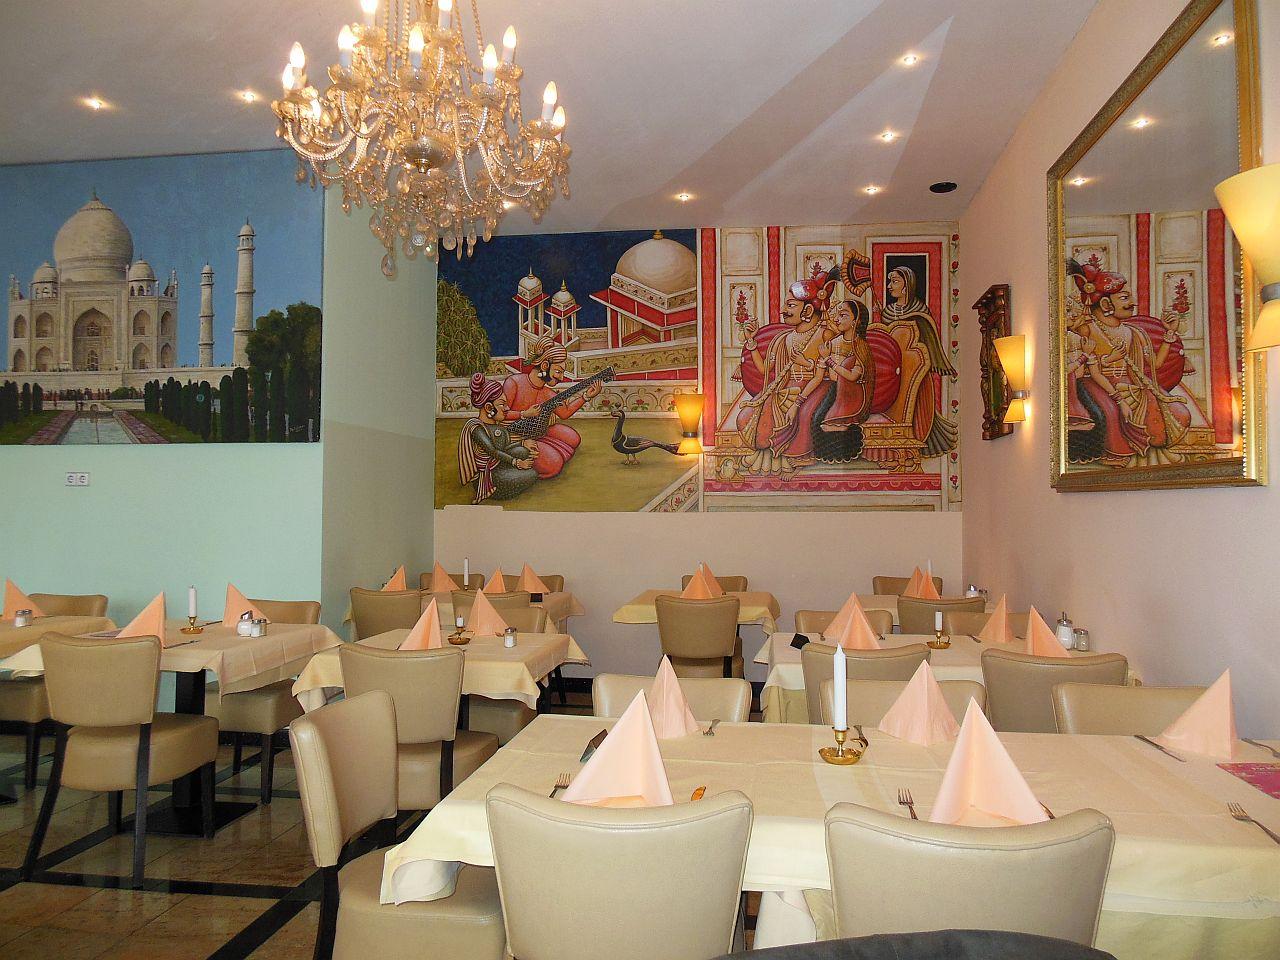 Restaurantbesuch - Nirwana in Berlin [indisch]   Deutsch-Werden.de